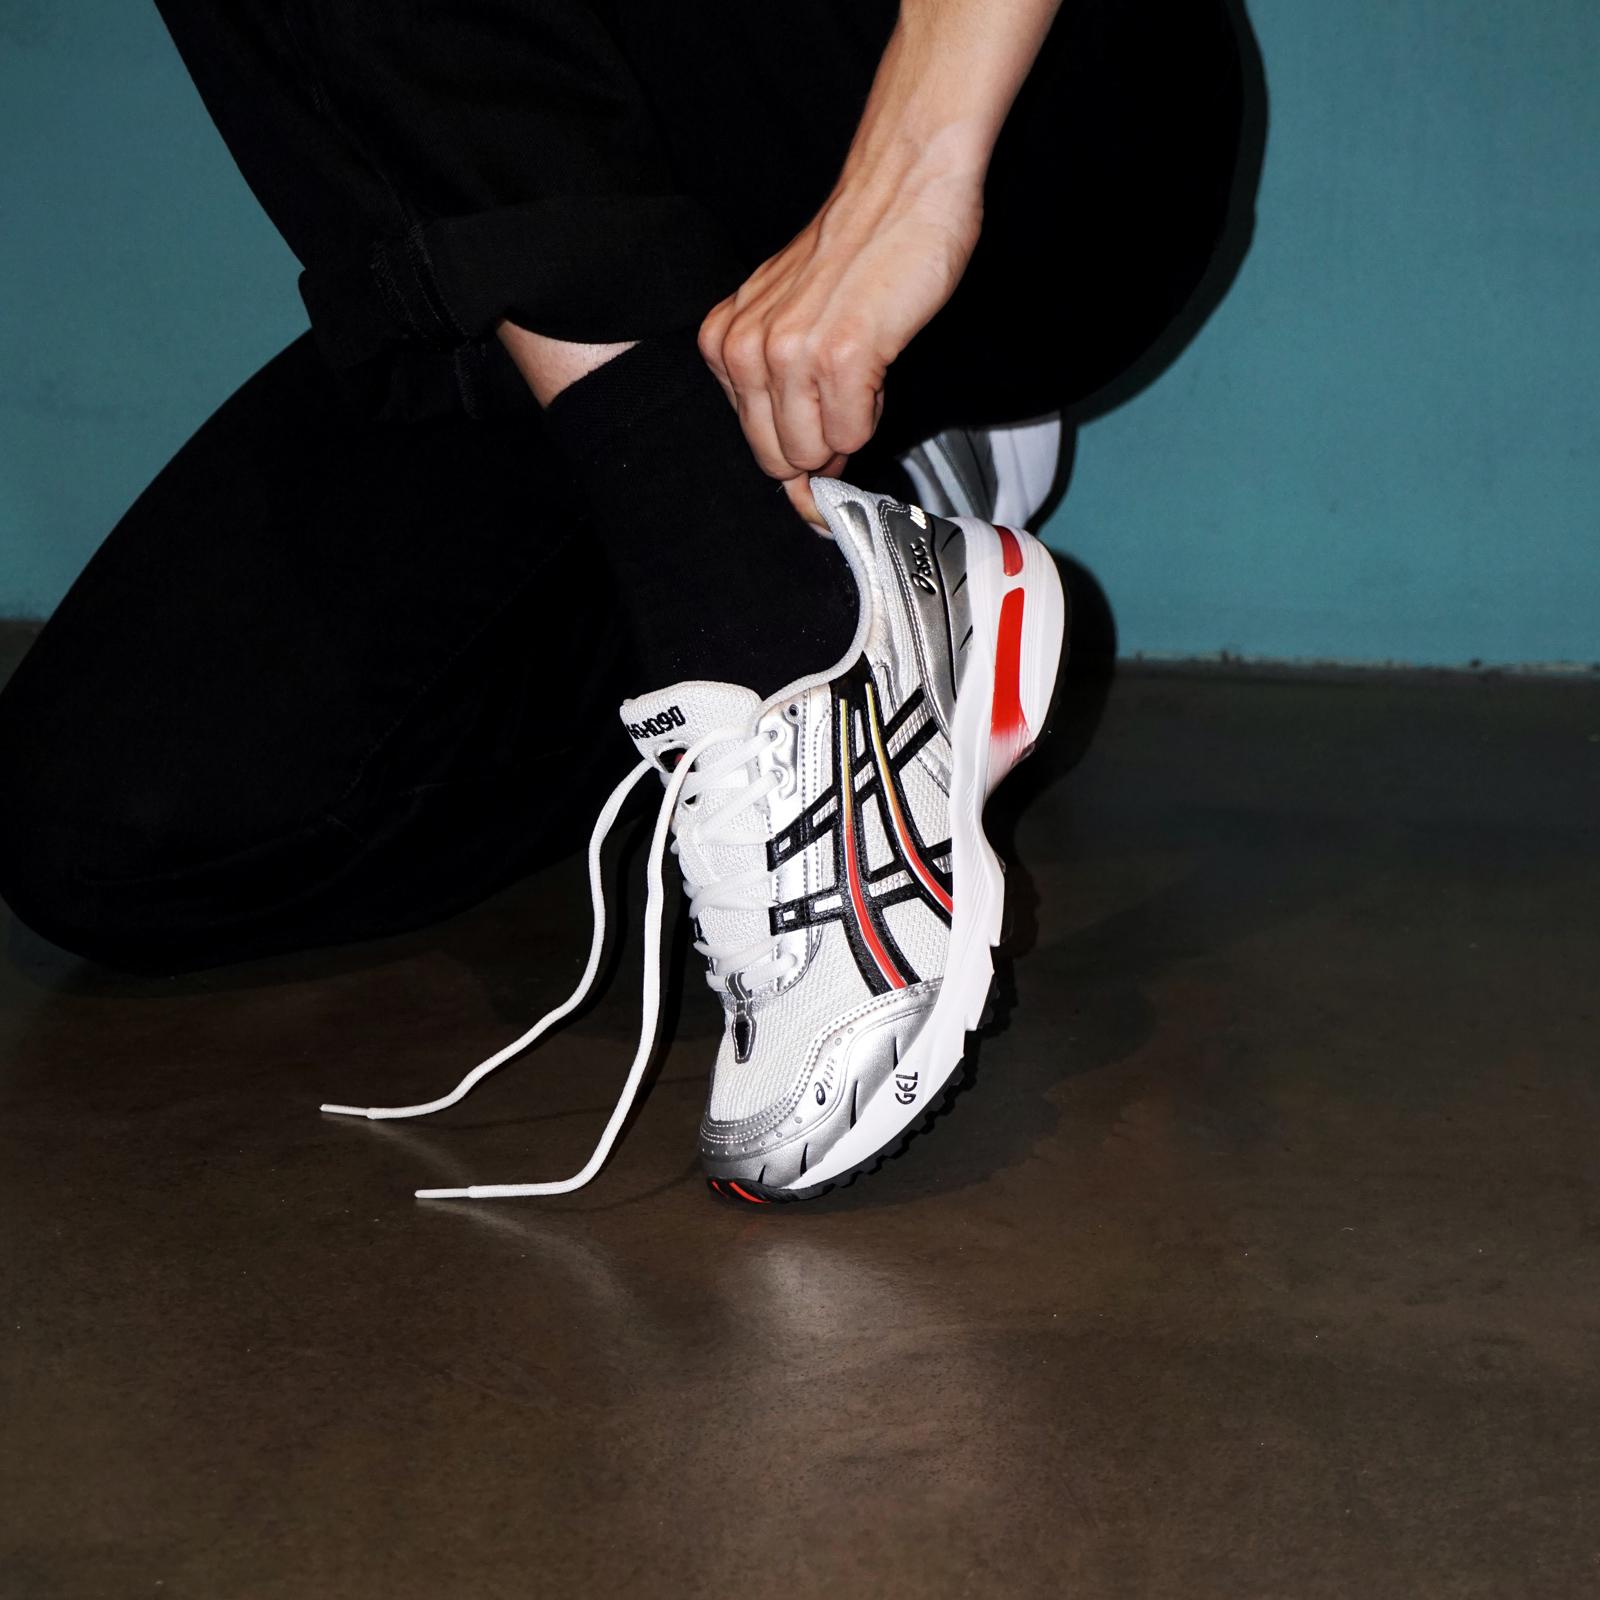 ASICS SportStyle Gel-1090 - 1022a308-100 - Sneakersnstuff ...